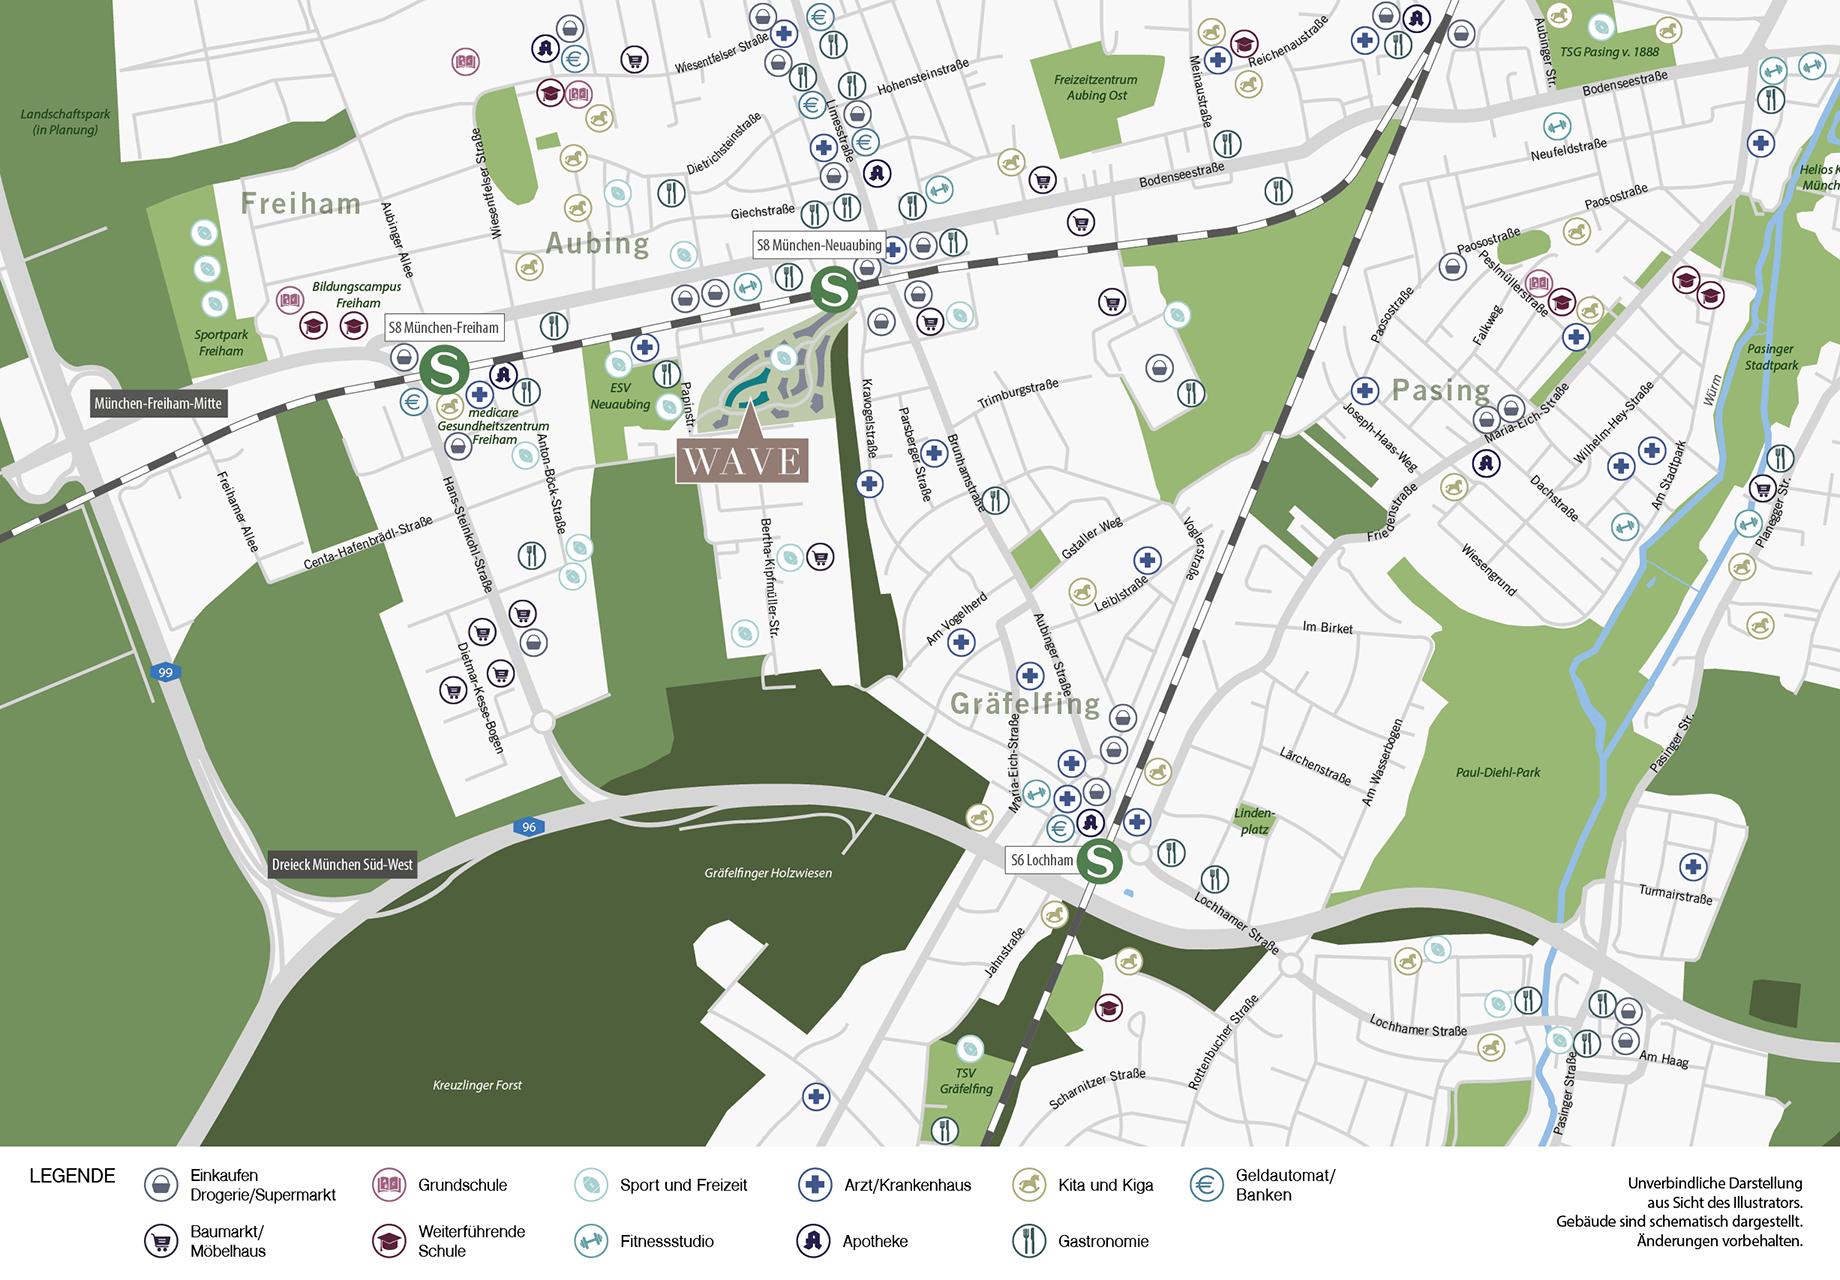 Immobilie WAVE - Stadtplanausschnitt